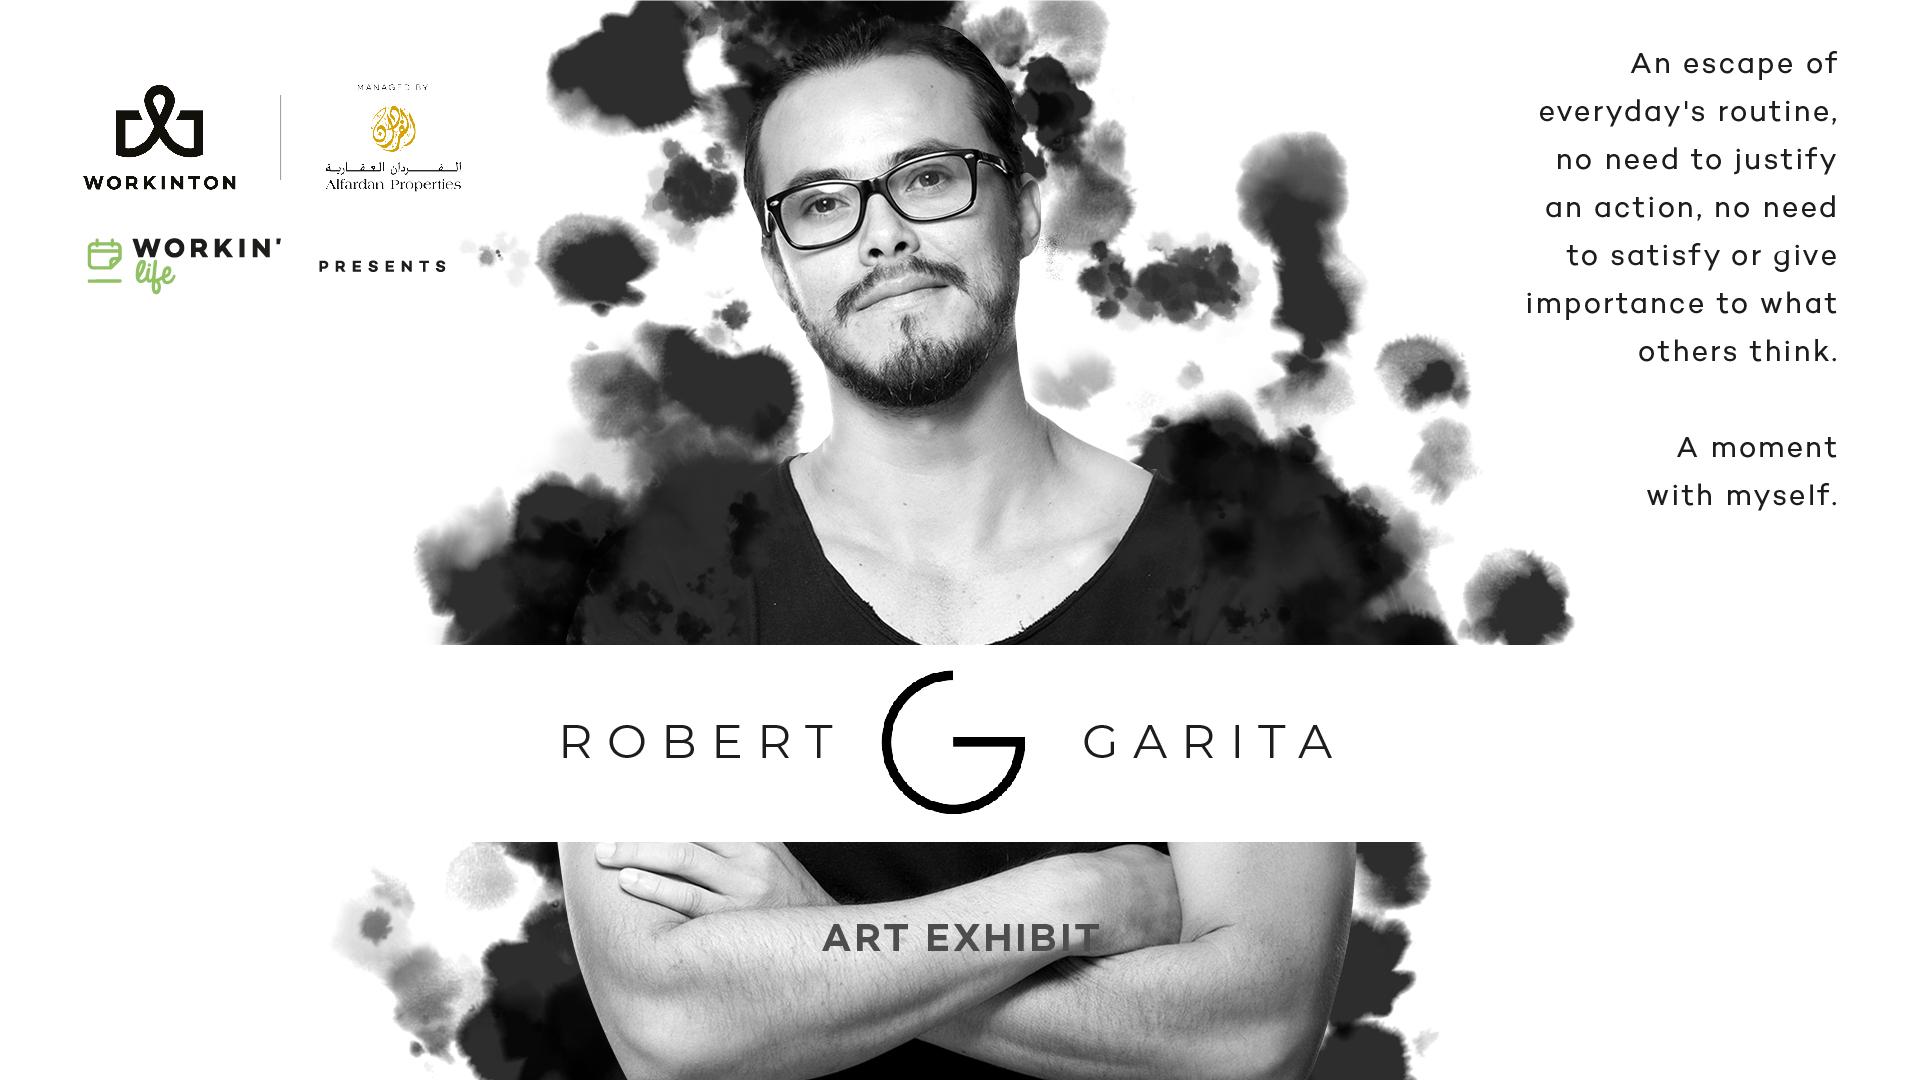 Rober Garita's poster